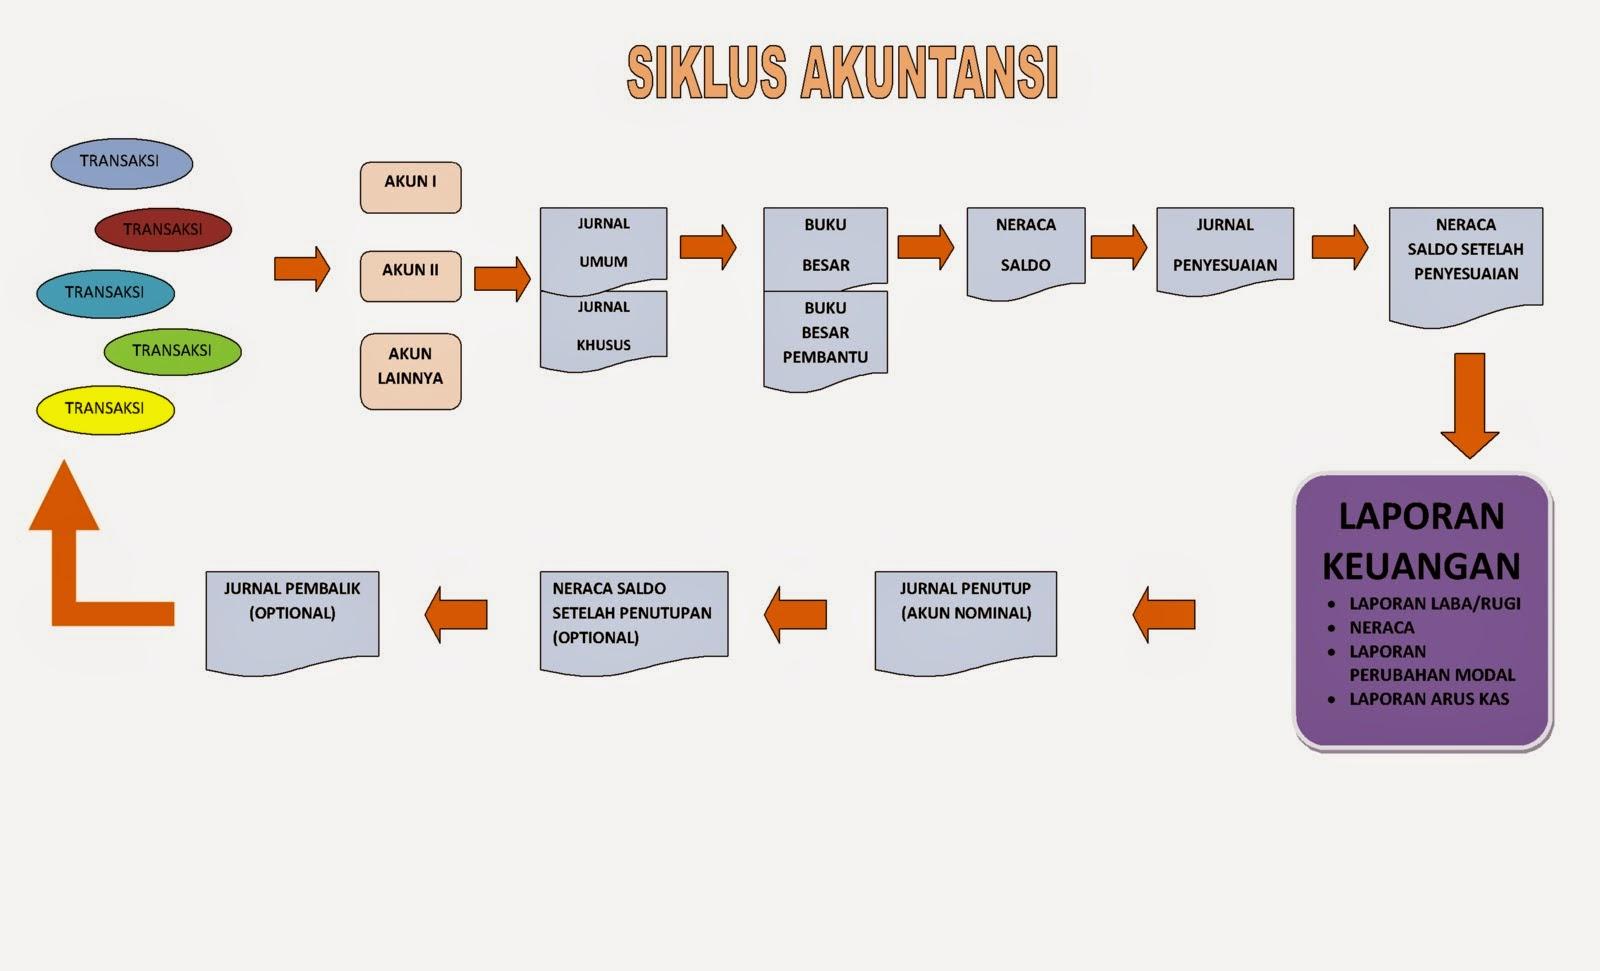 Ilmu Akuntansi Siklus Akuntansi Dasar Secara Umum